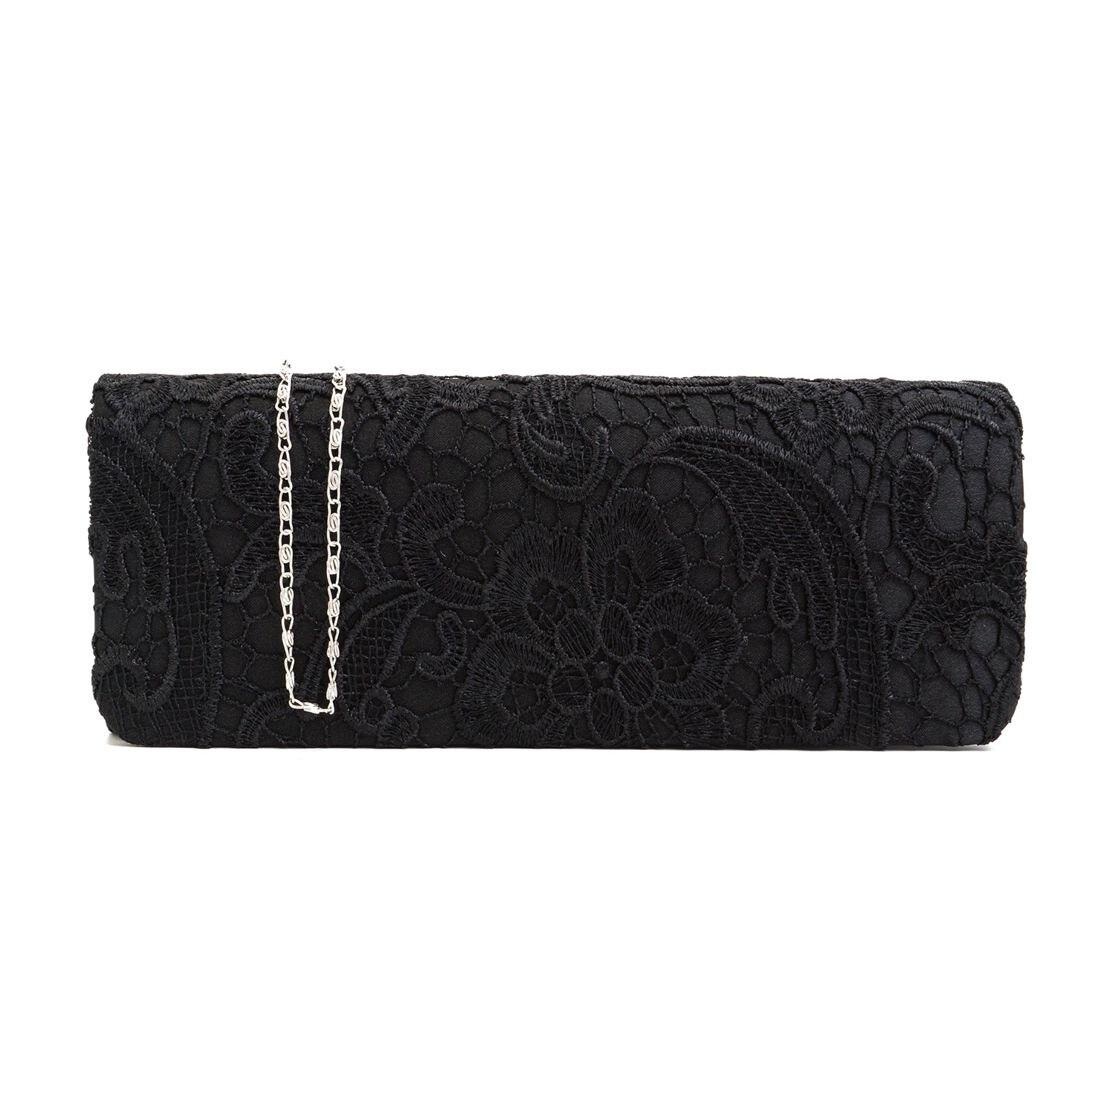 Satin Floral Lace Designer Clutch Bag Evening Purse Ladies Party Wedding Women, Black